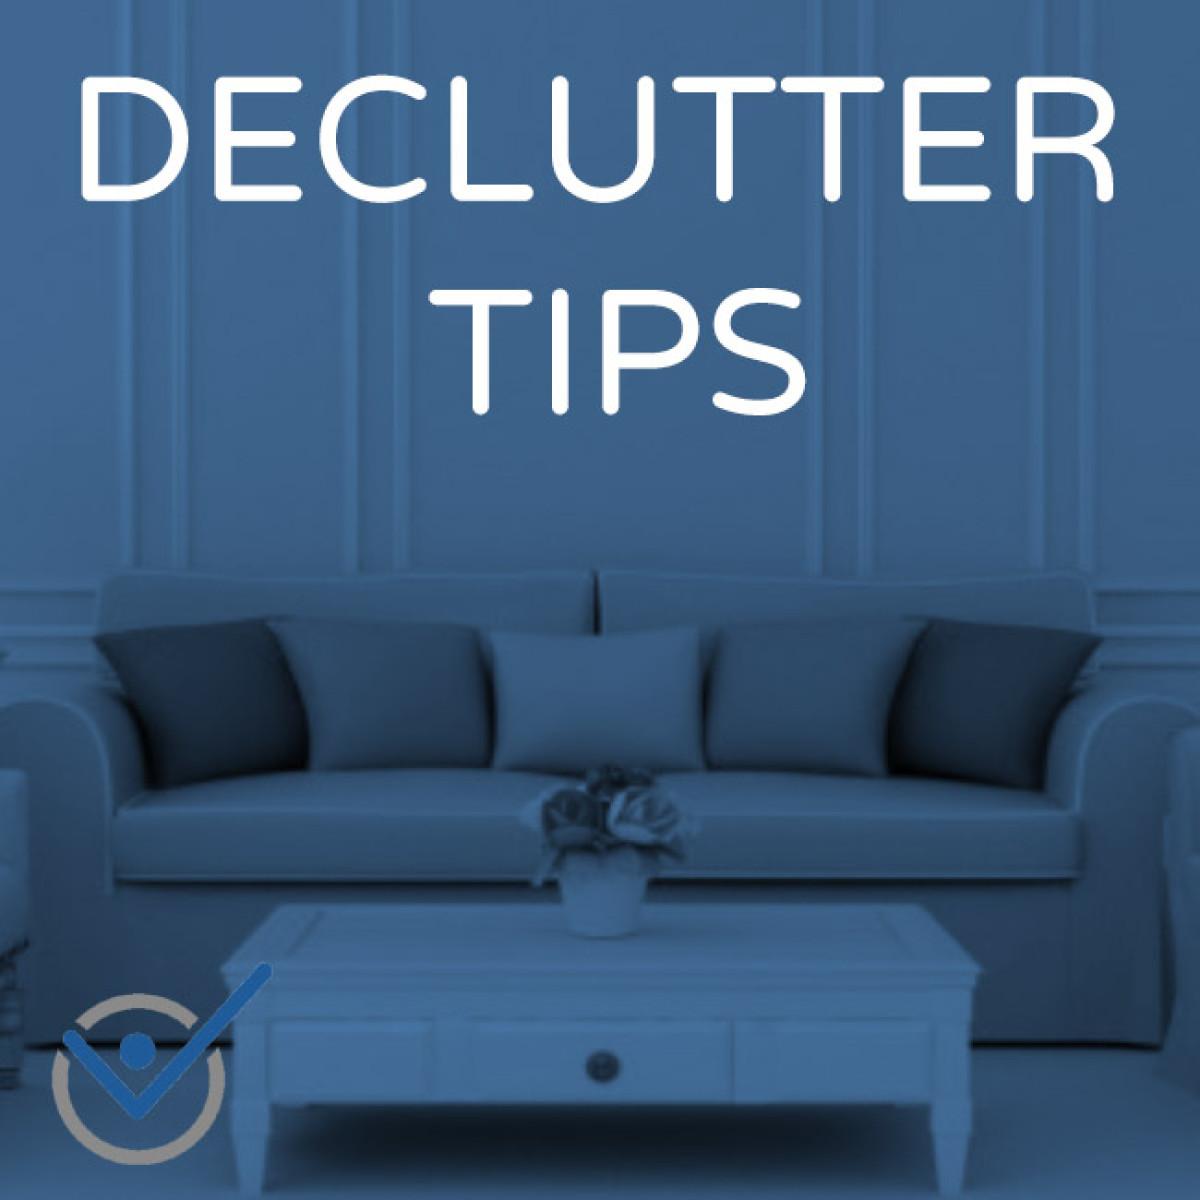 Declutter Organize Tips